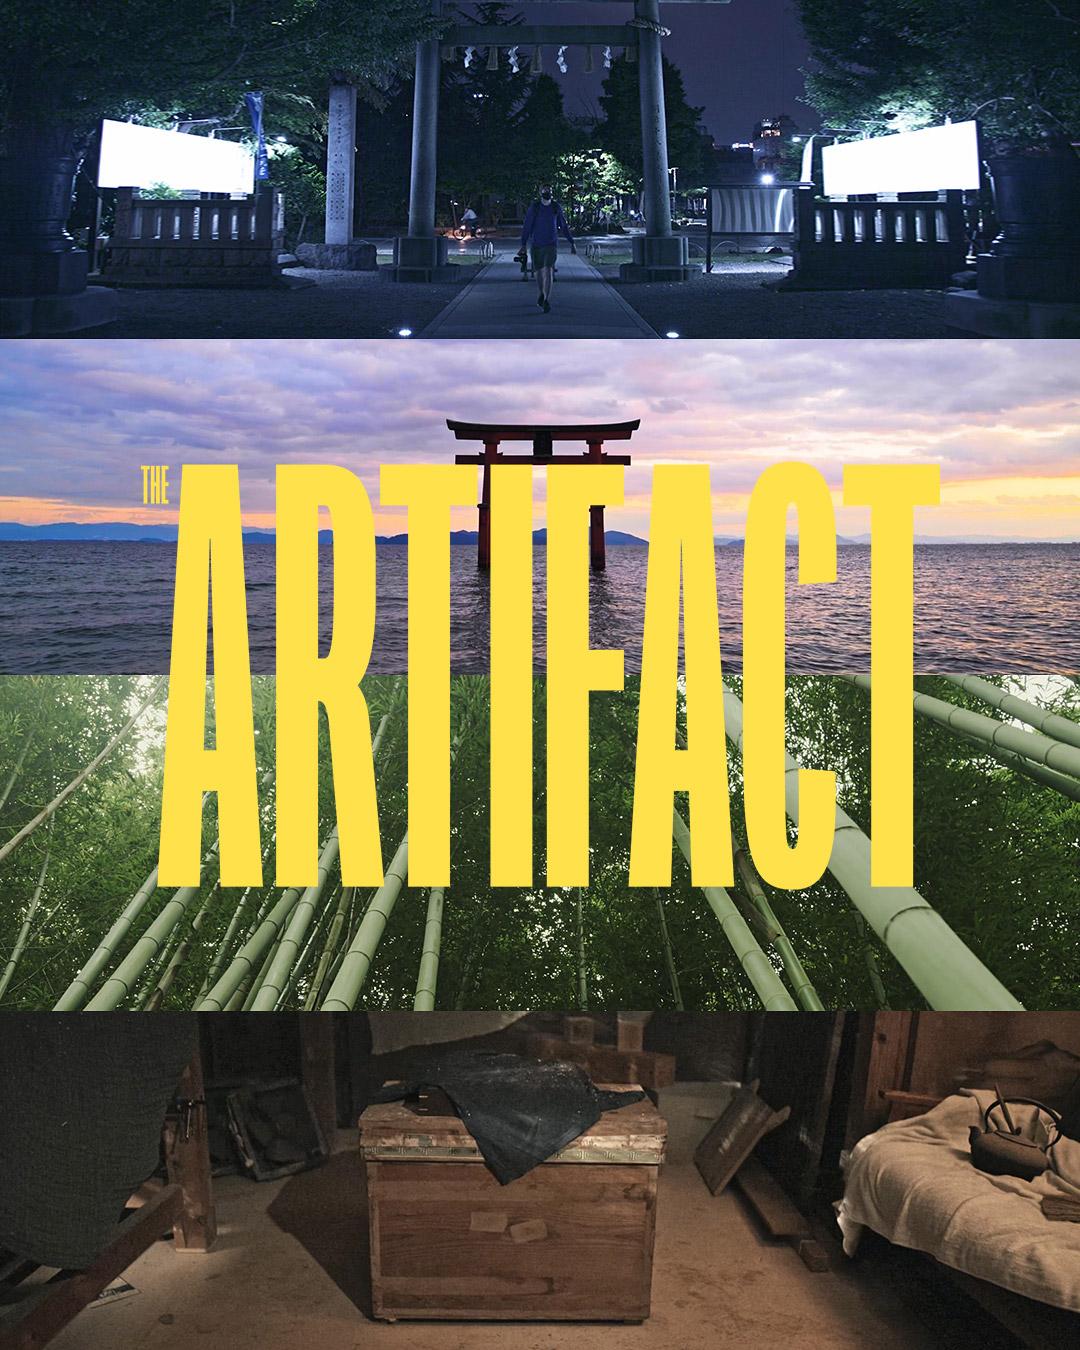 The Artifact 4K